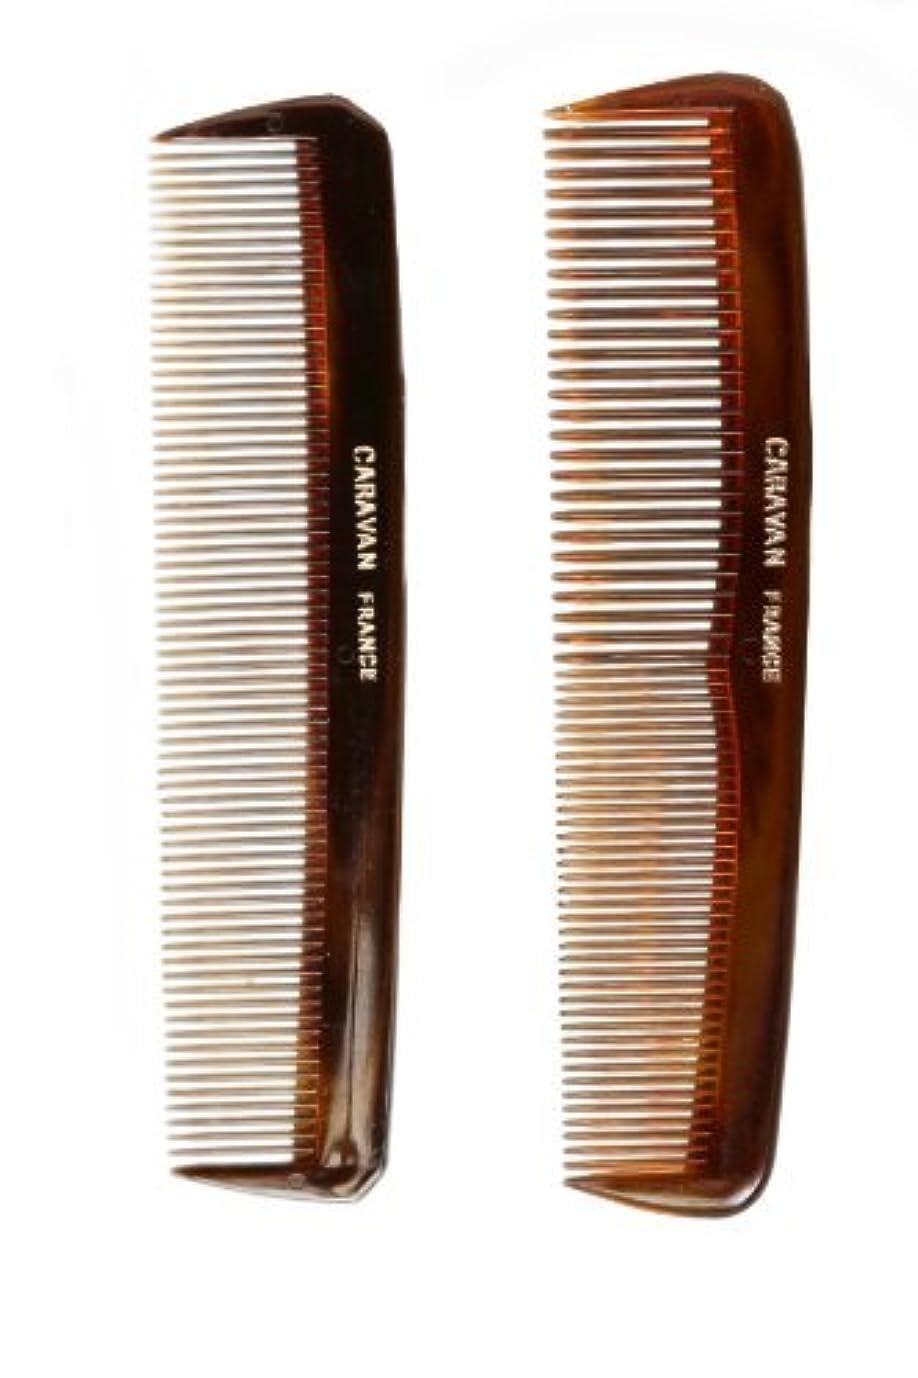 従順この到着するCaravan Tortoise Set Of 2 Shell Comb, Pocket Teeth [並行輸入品]